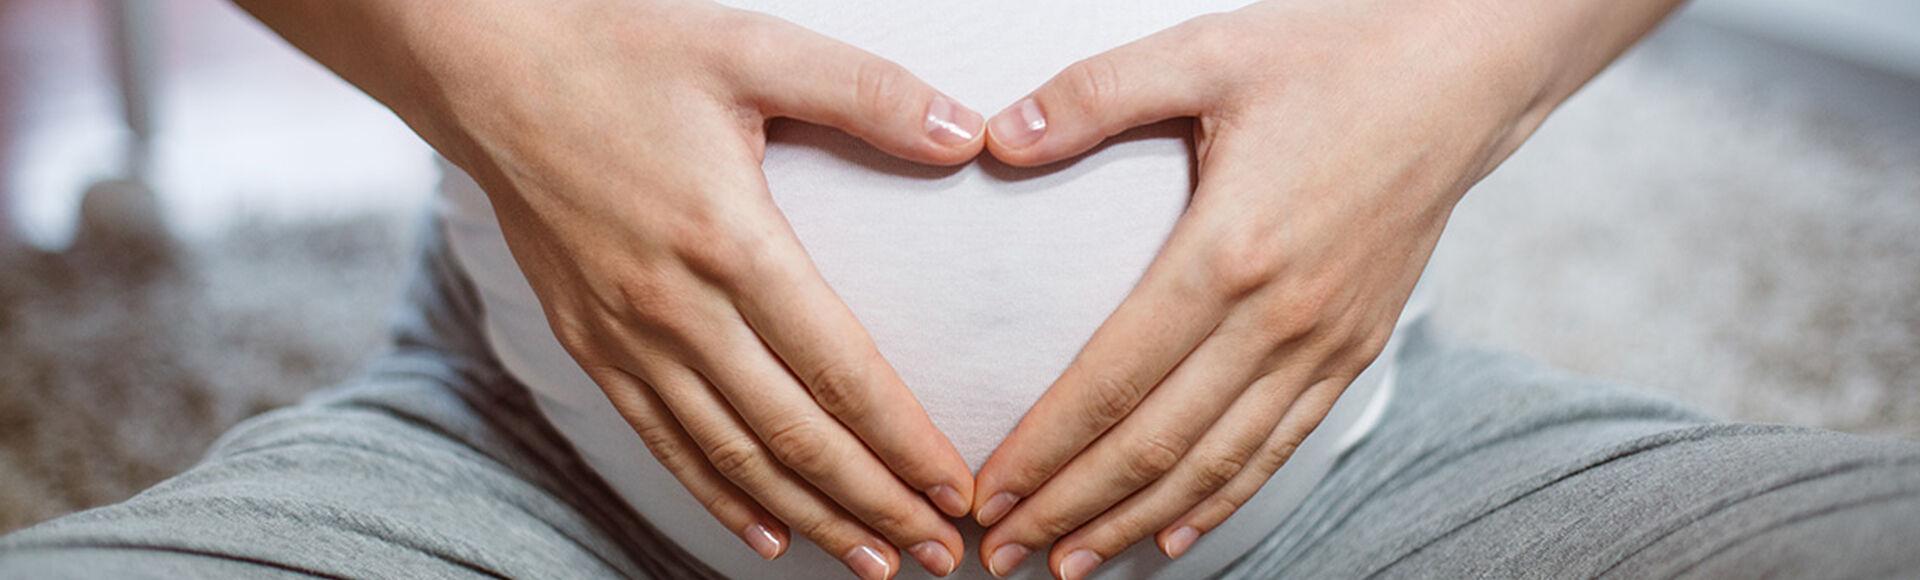 Sintomas flujo vaginal durante embarazo